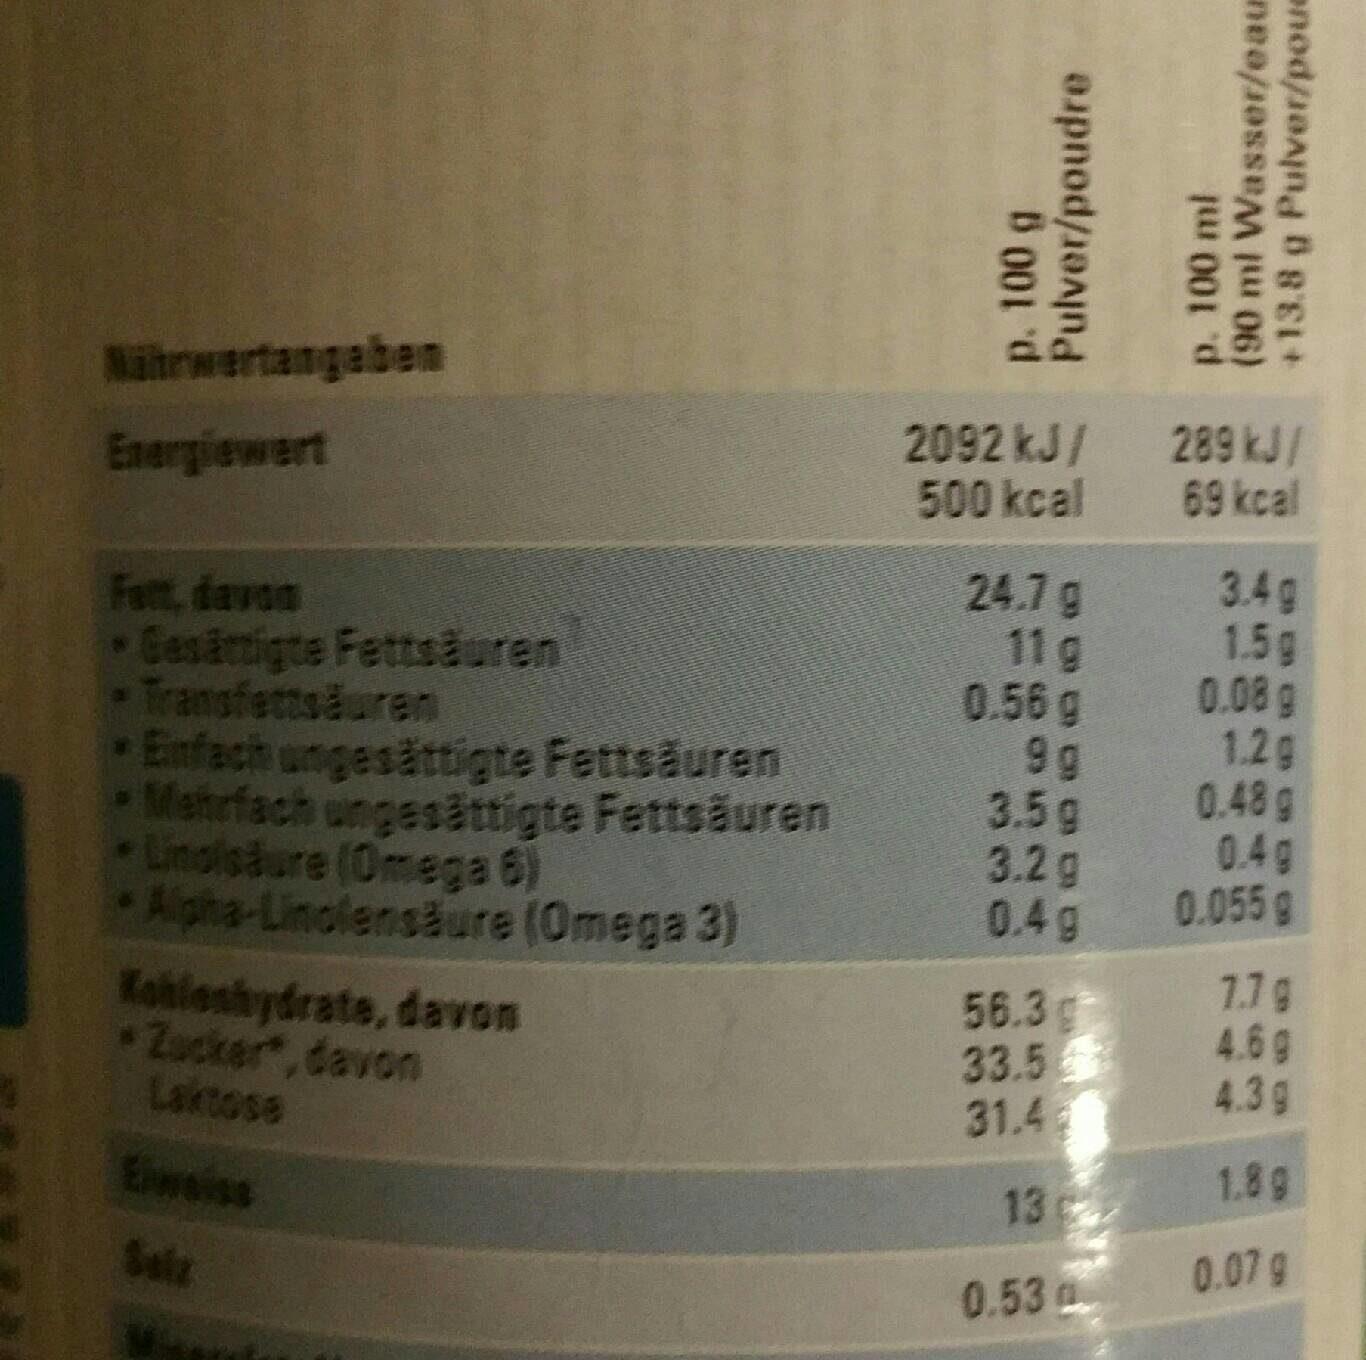 Bio Lait de croissance dès 12 mois / Kindermilch Ab 12 Monaten - Informations nutritionnelles - fr